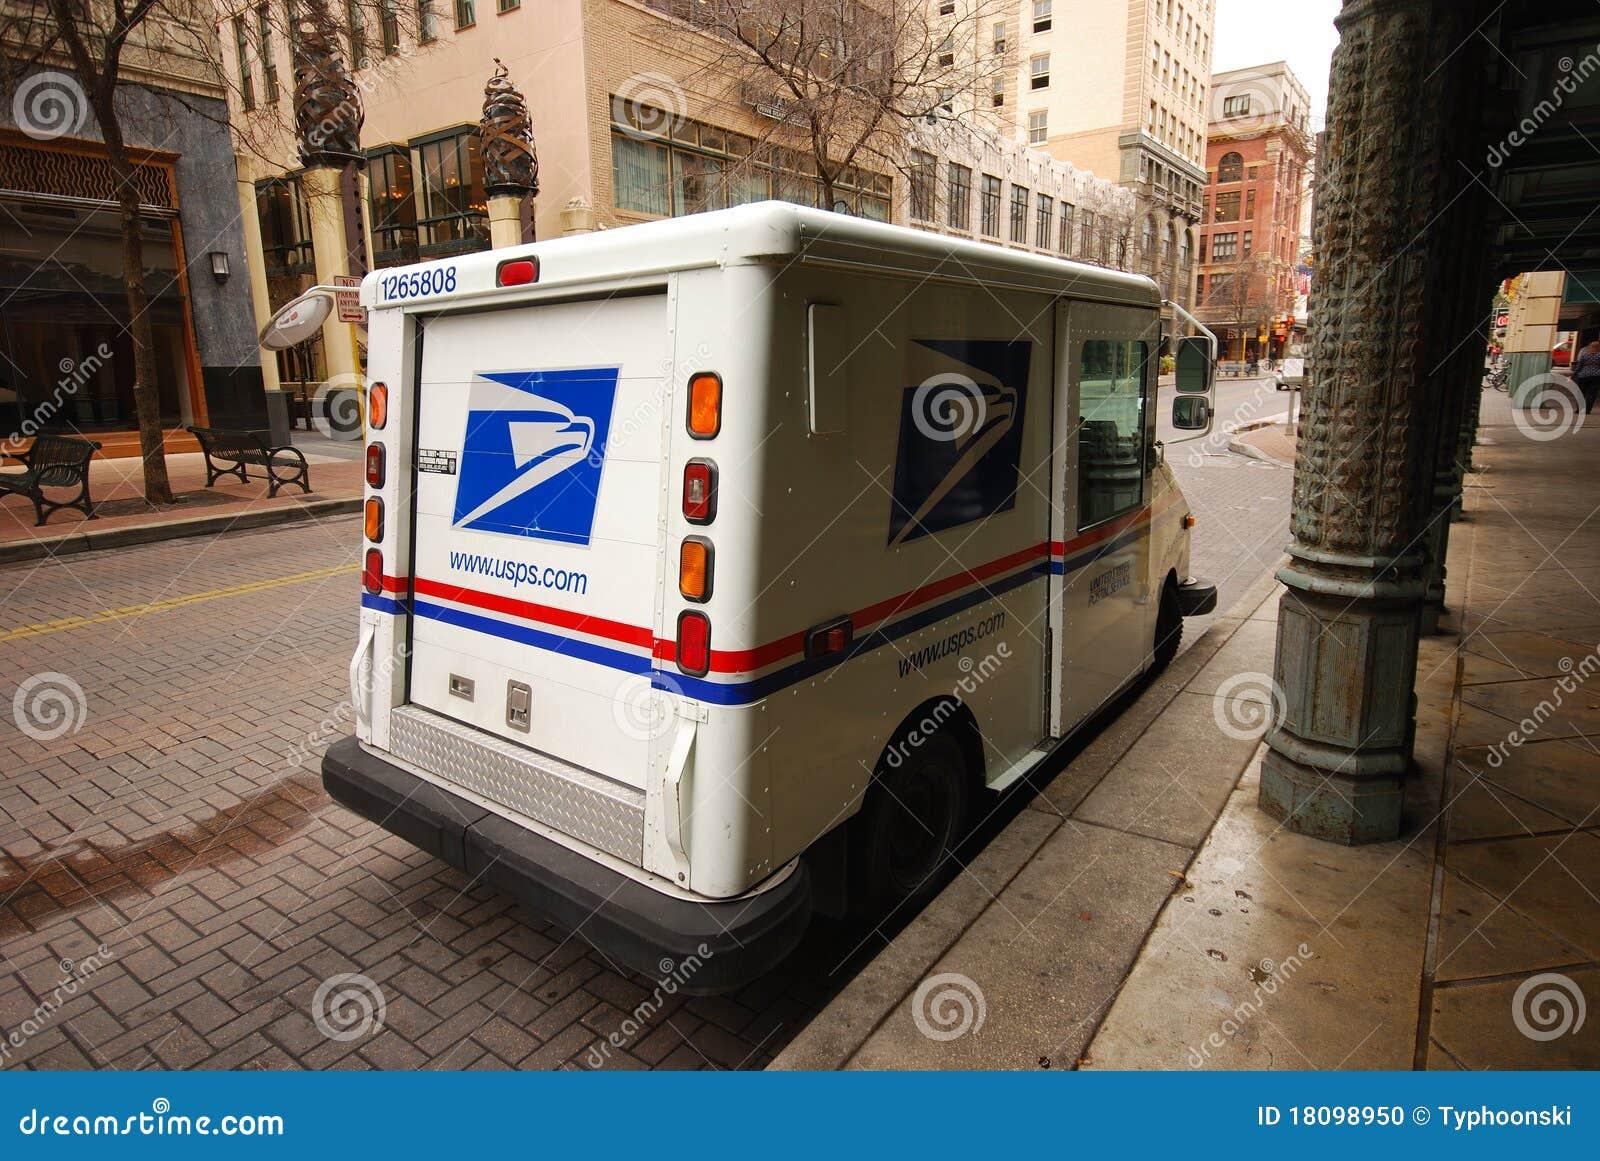 Coche del reparto del correo de los E.E.U.U.